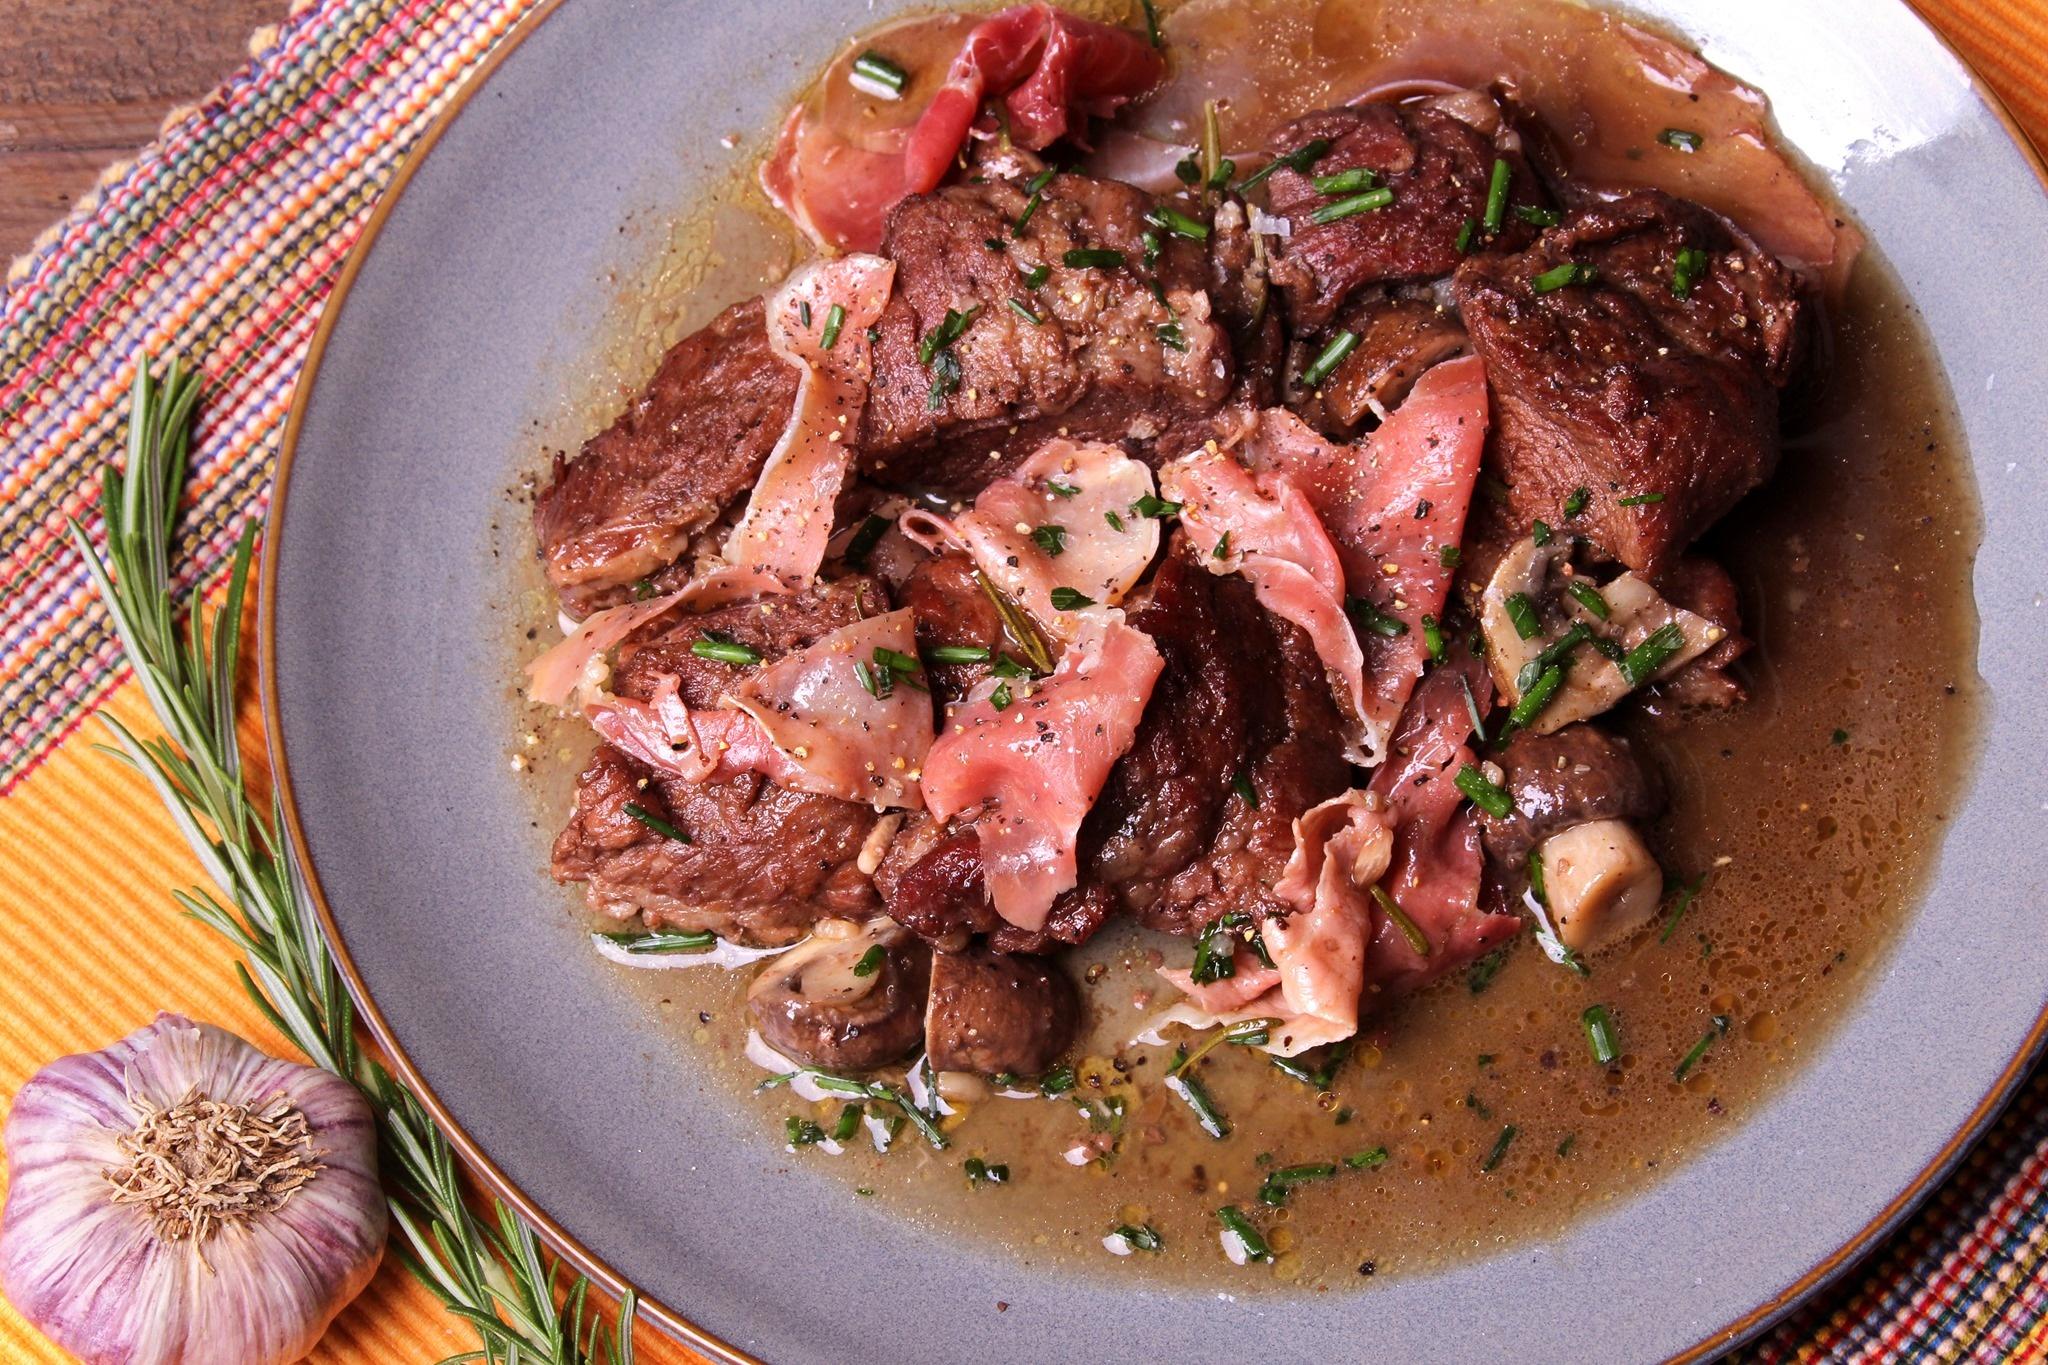 IBERICO PLUMA met rode port, Spaanse ham, en kastanje champignons